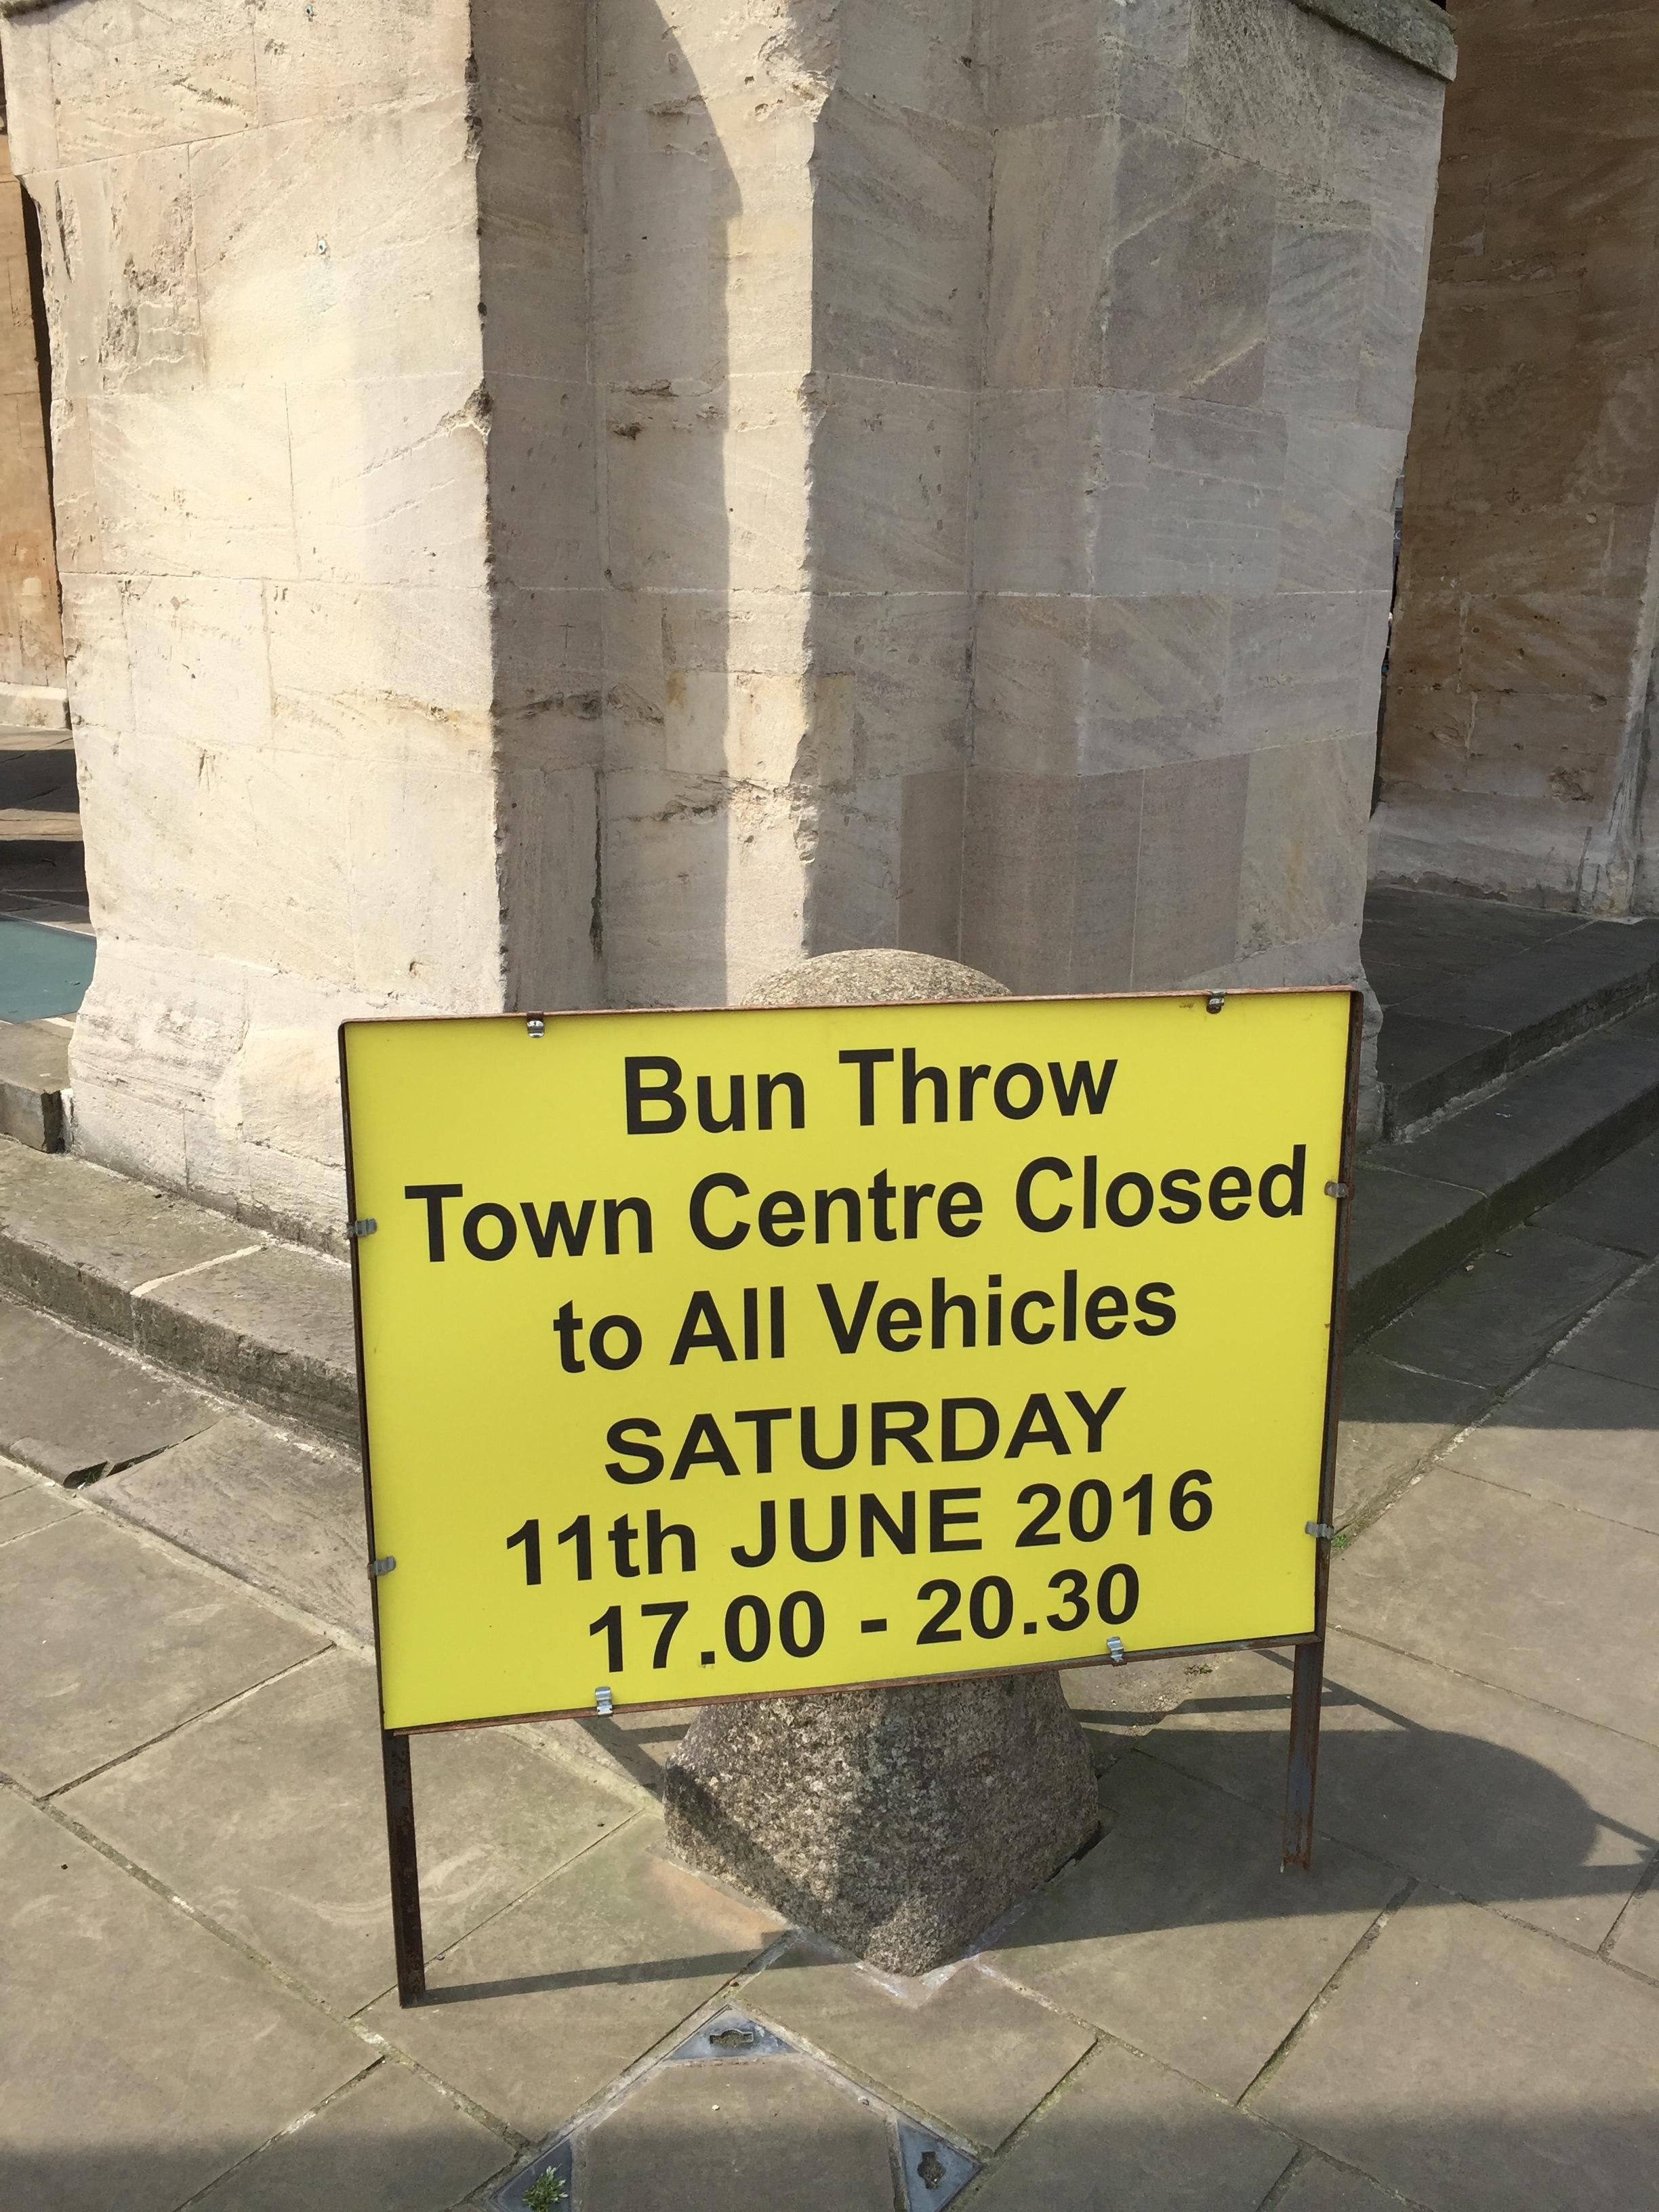 bun_throwing_road_sign